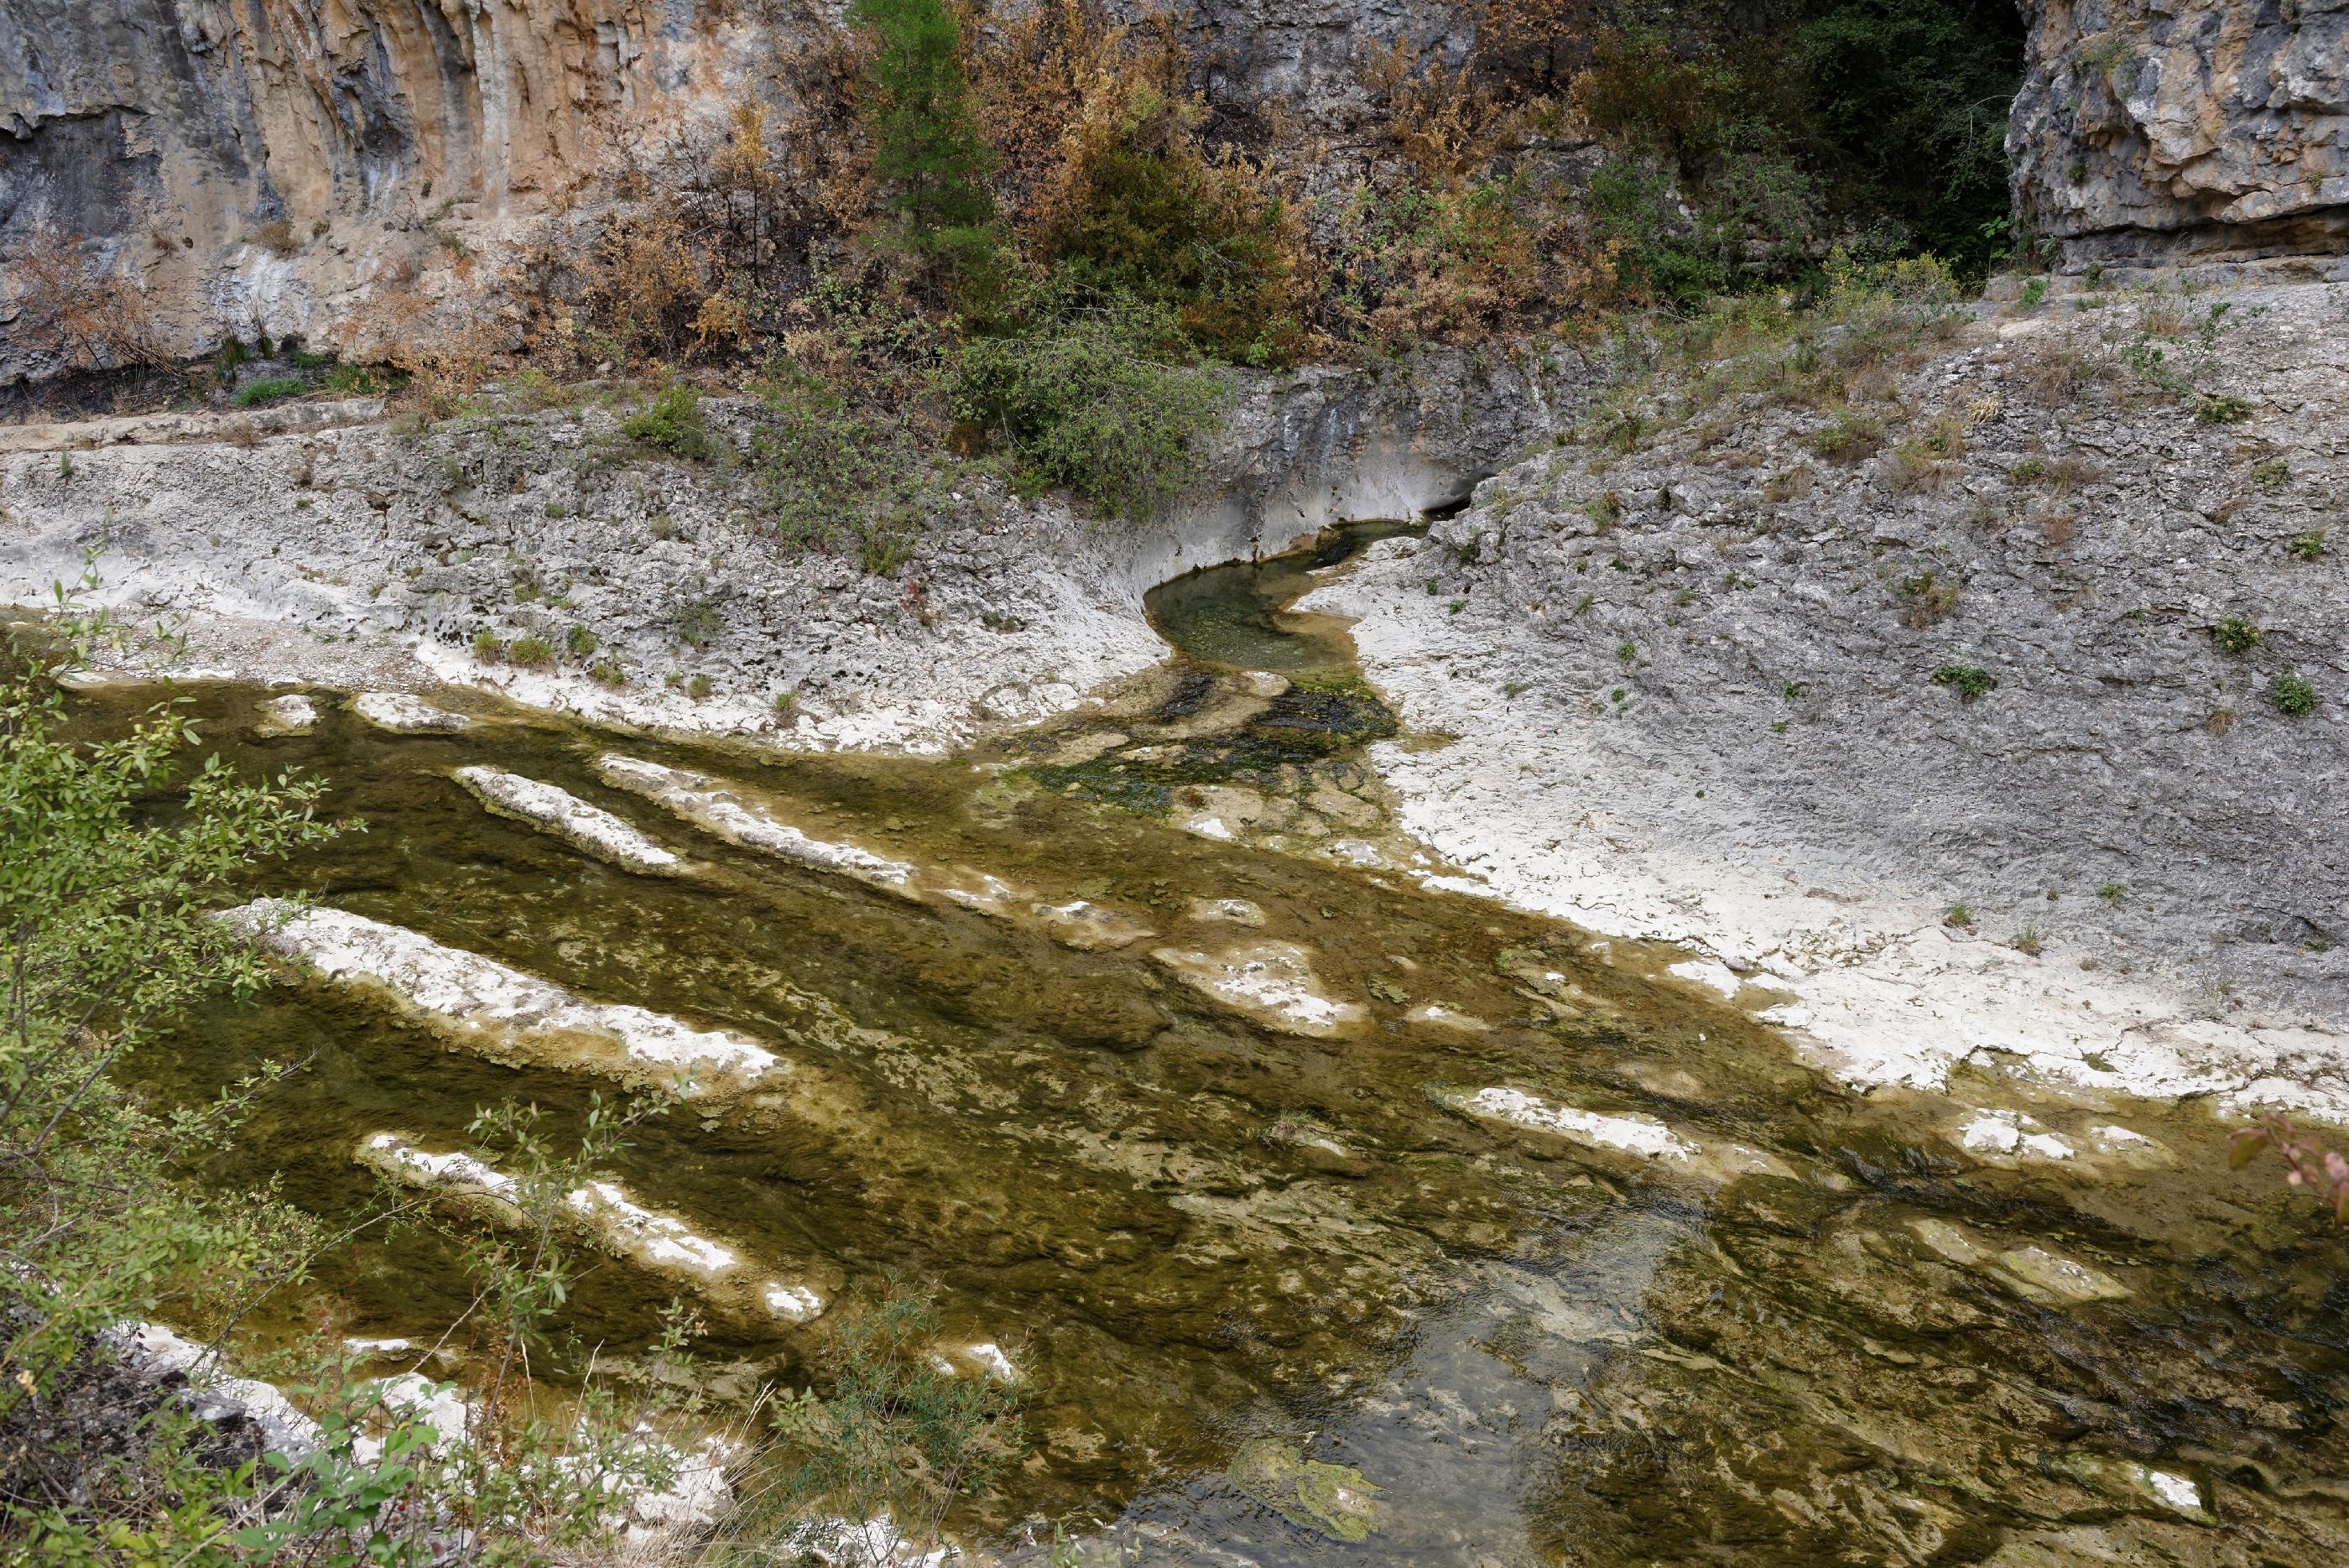 160909-lecina-marche-canyon-del-rio-vero-puente-de-villacantal-sierra-de-guara-aragon-40